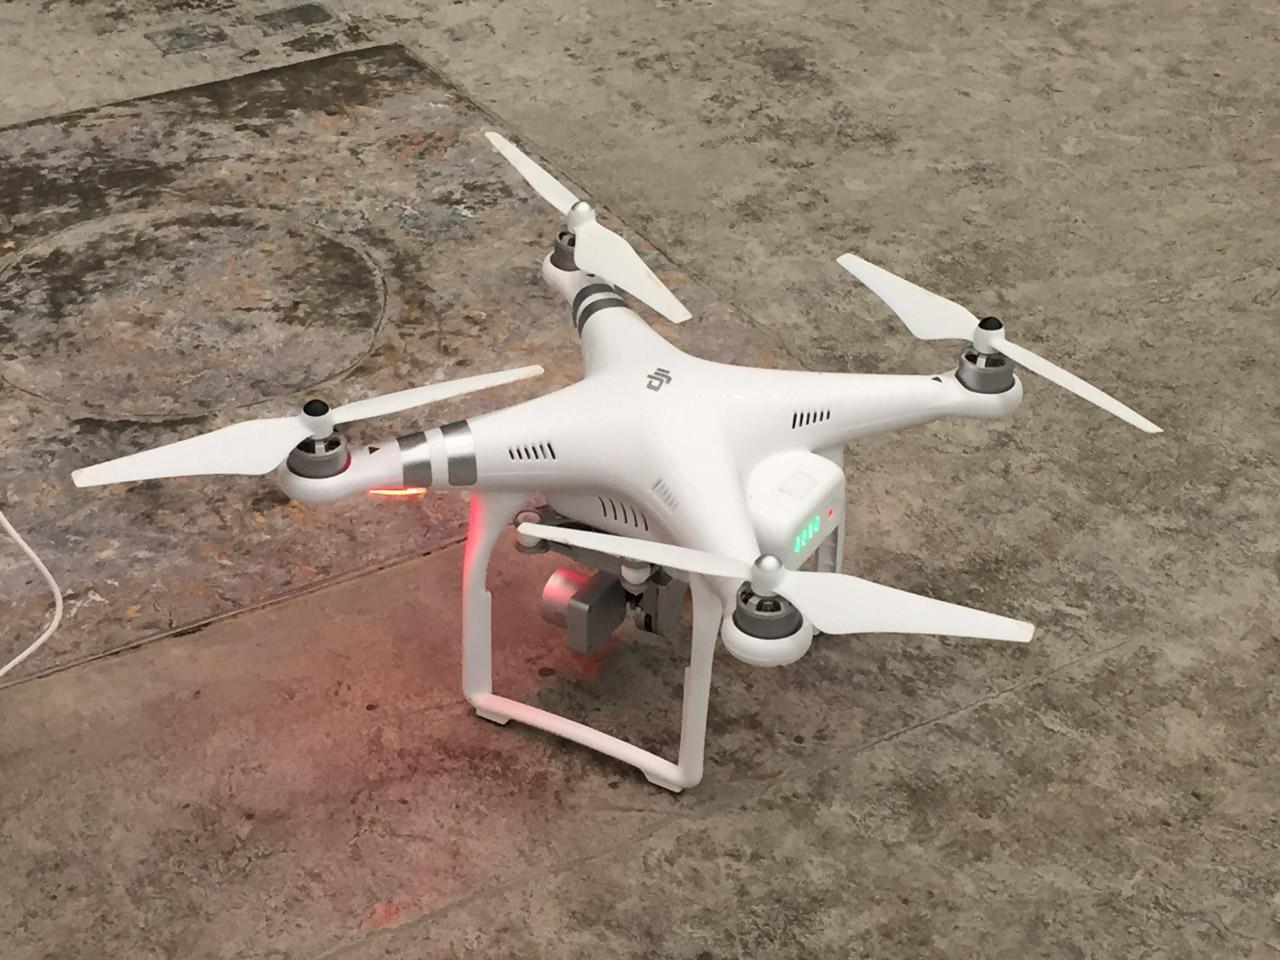 2018 Drohneneinsatz mit 4k-Kamera